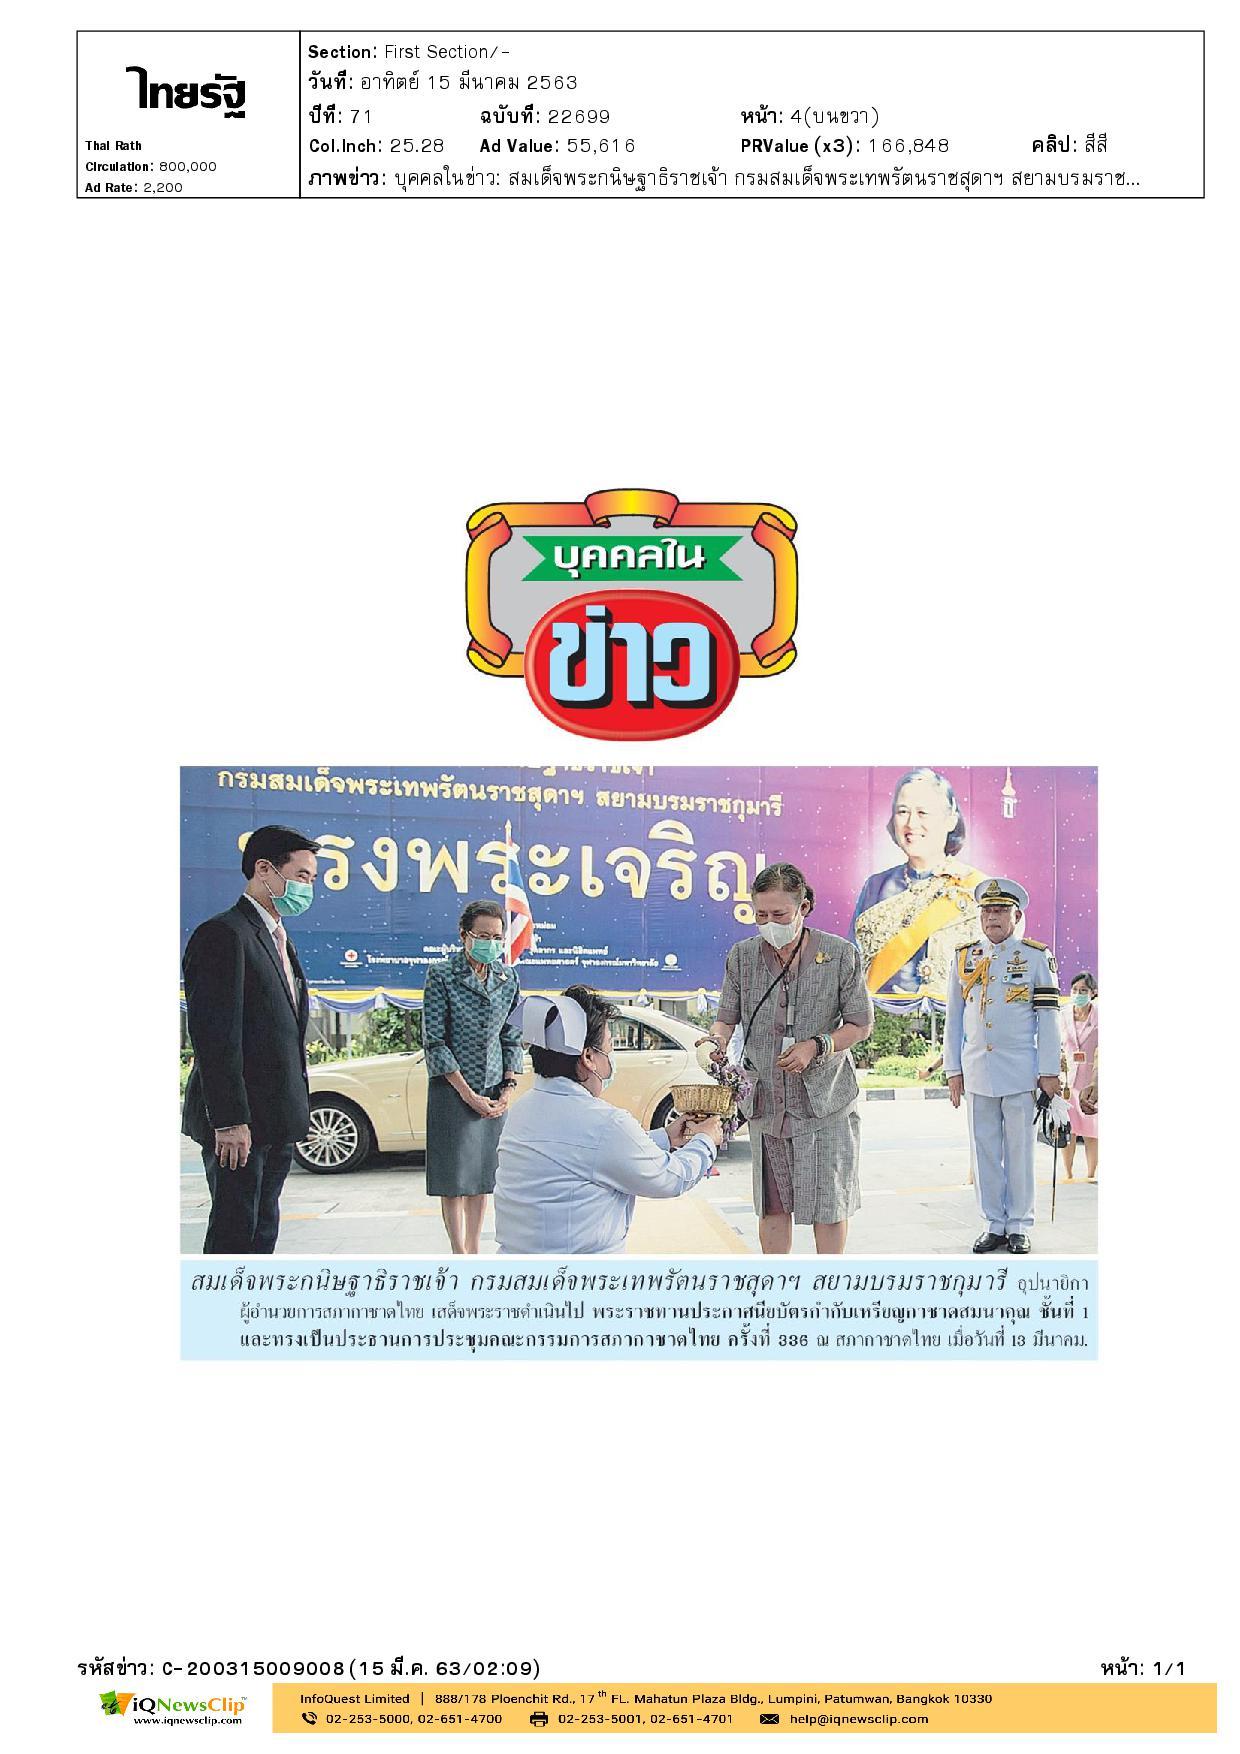 ประชุมคณะกรรมการสภากาชาดไทย ครั้งที่ 336